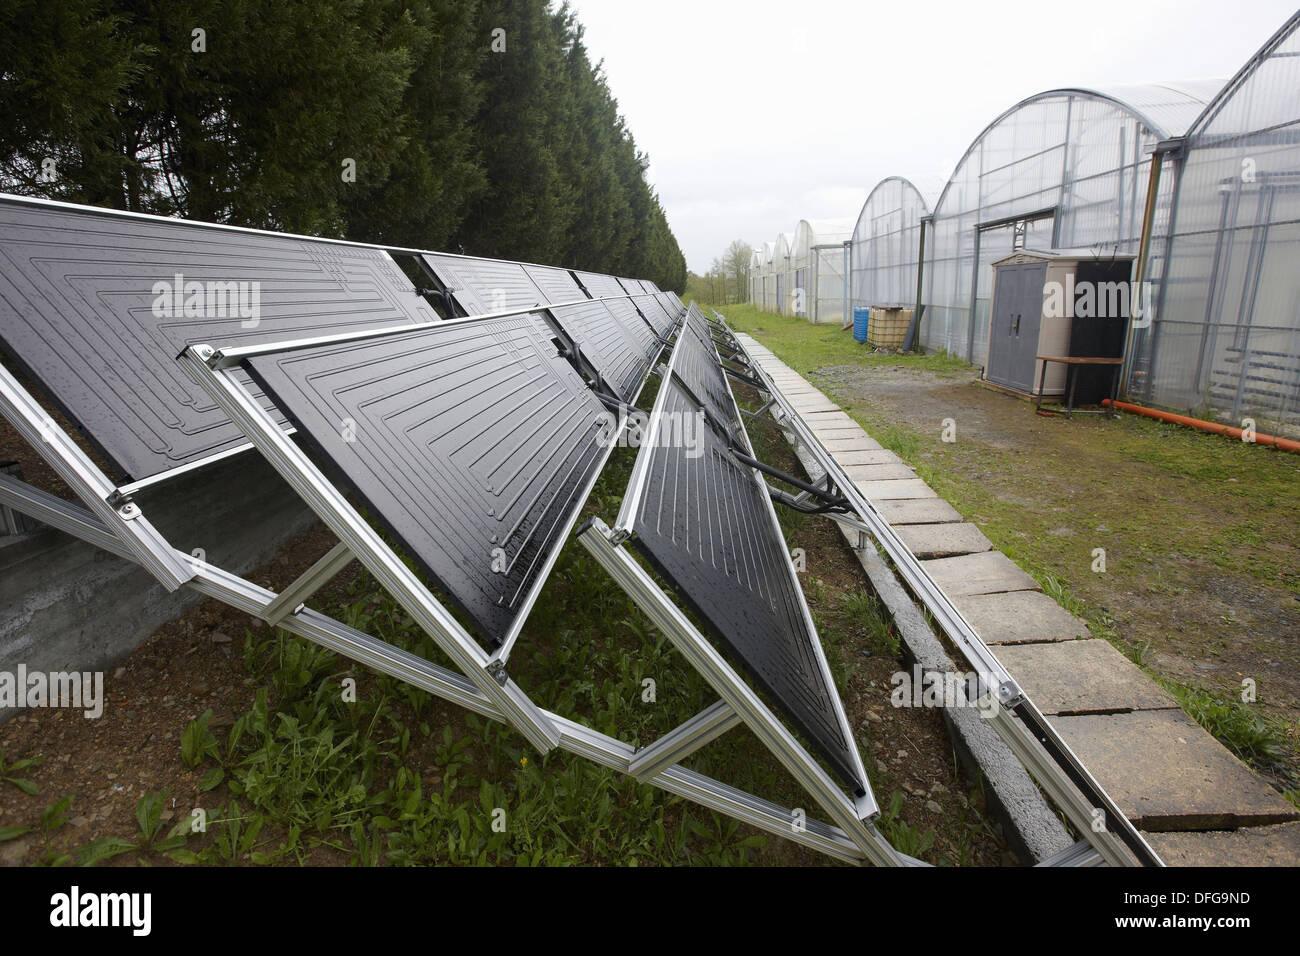 Wunderbar Thermodynamische Kessel Zeitgenössisch - Elektrische ...